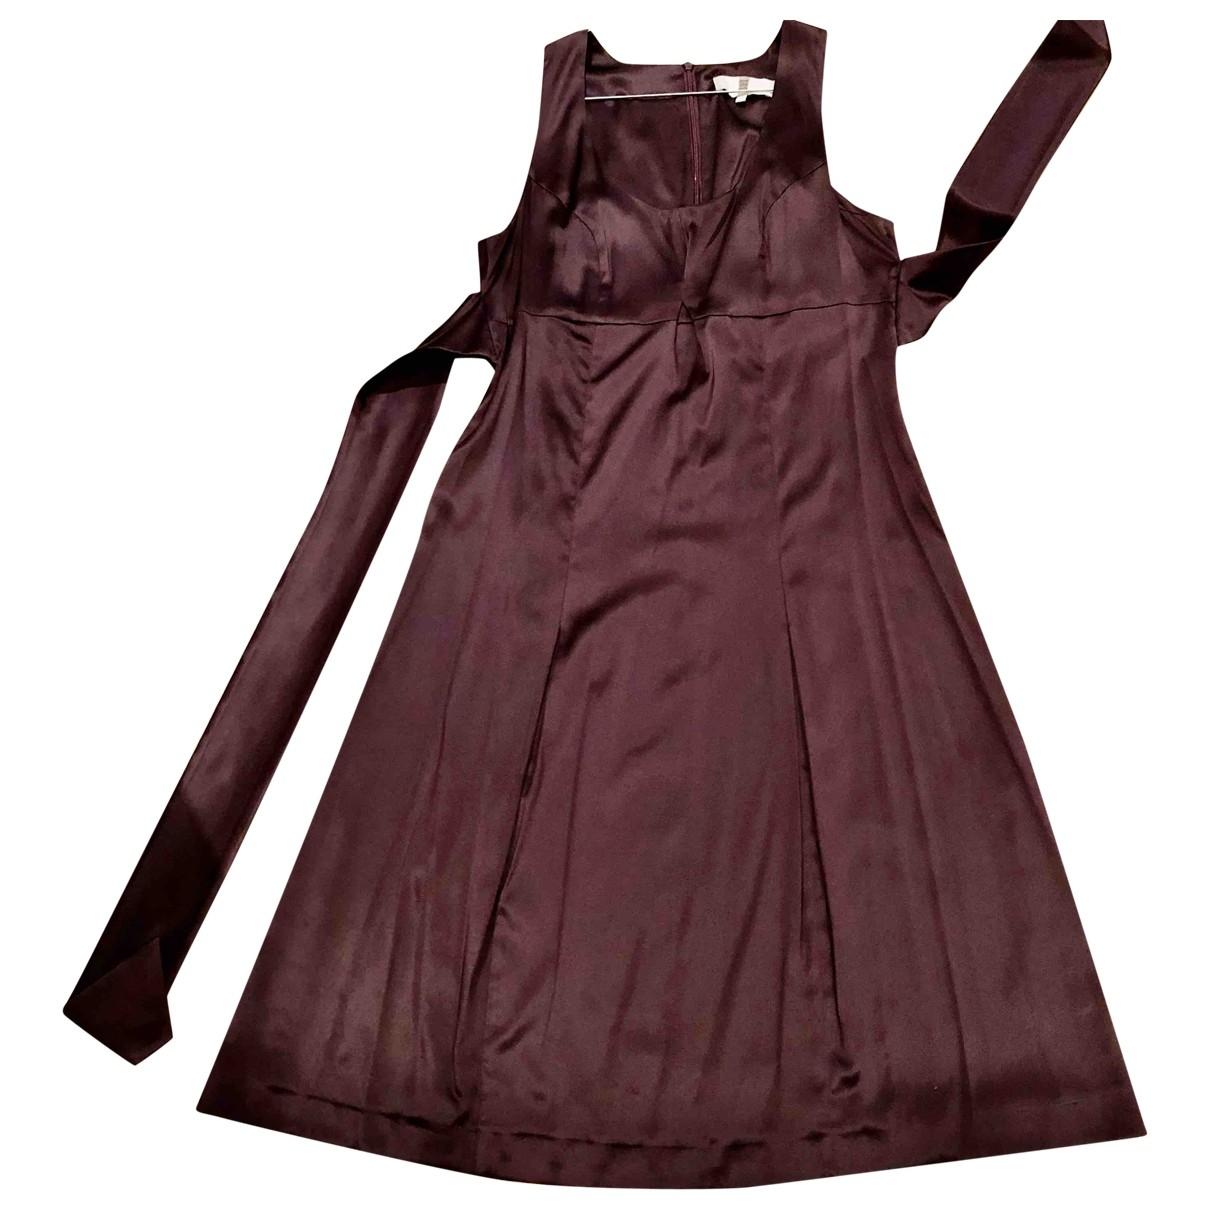 Irene Van Ryb \N Kleid in  Bordeauxrot Seide